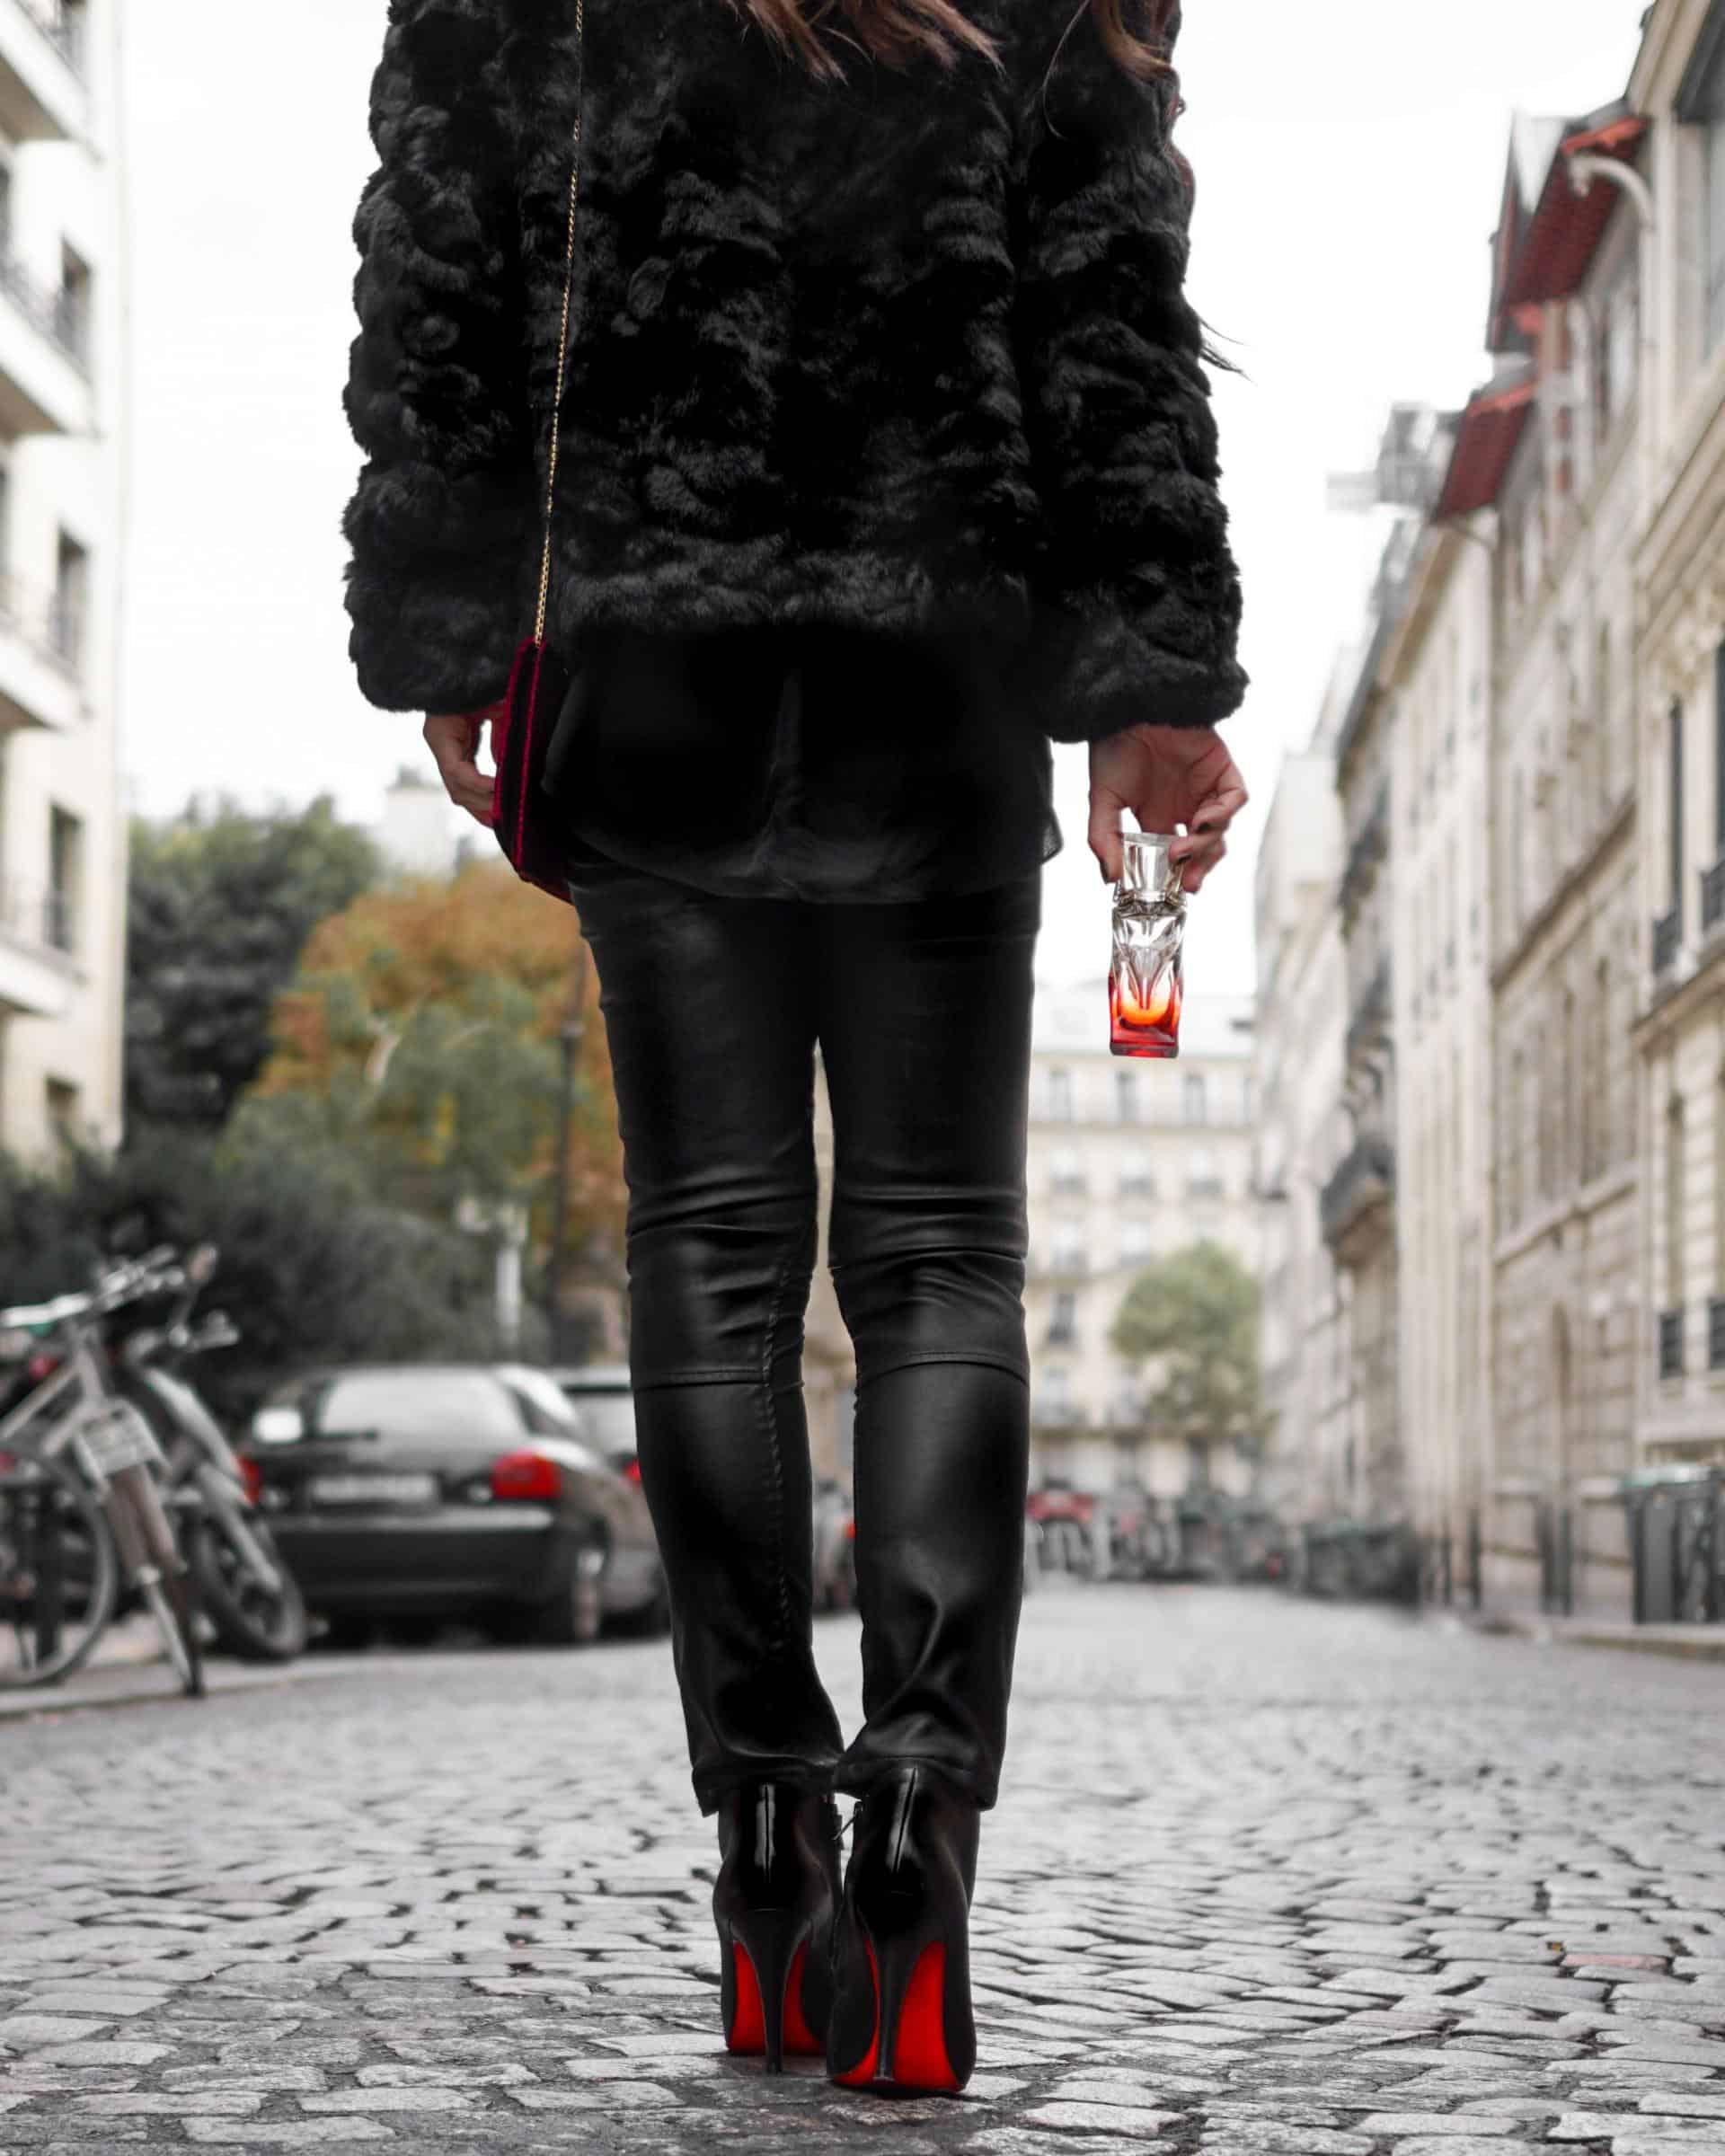 Diane Coletta petite in Paris fashion blogger